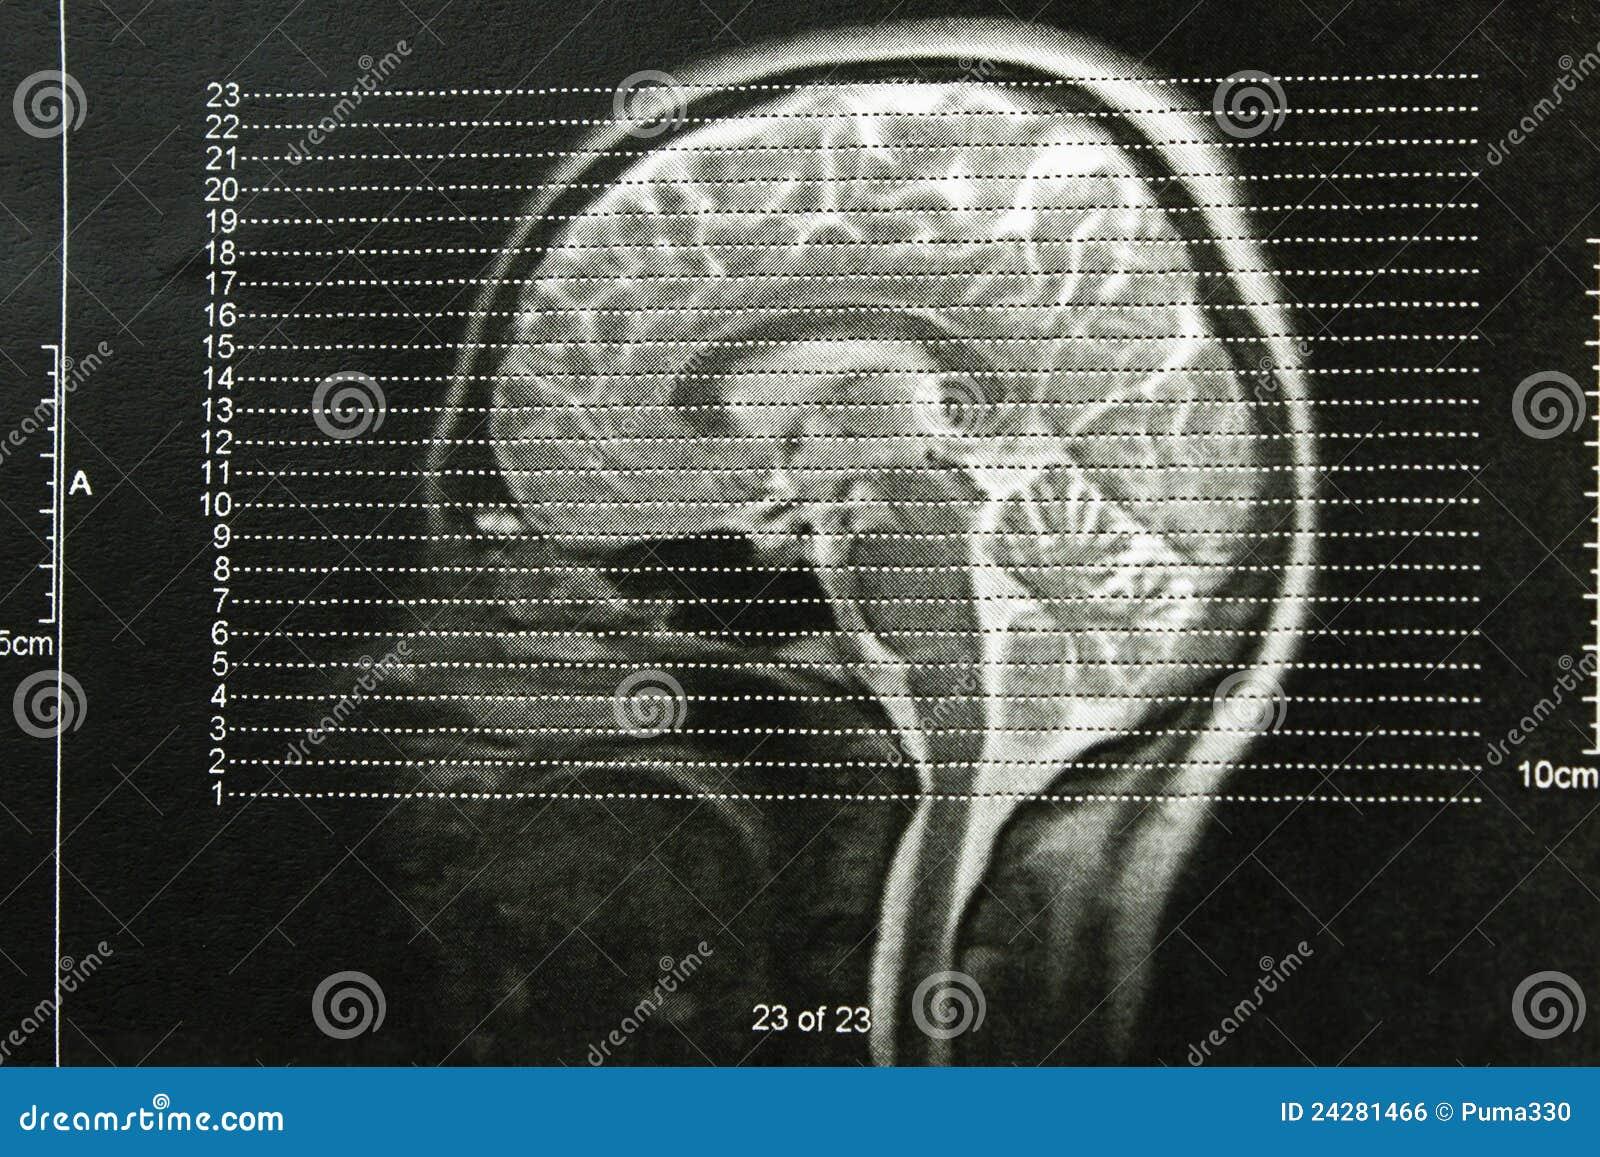 Cráneos de la radiografía de EEG